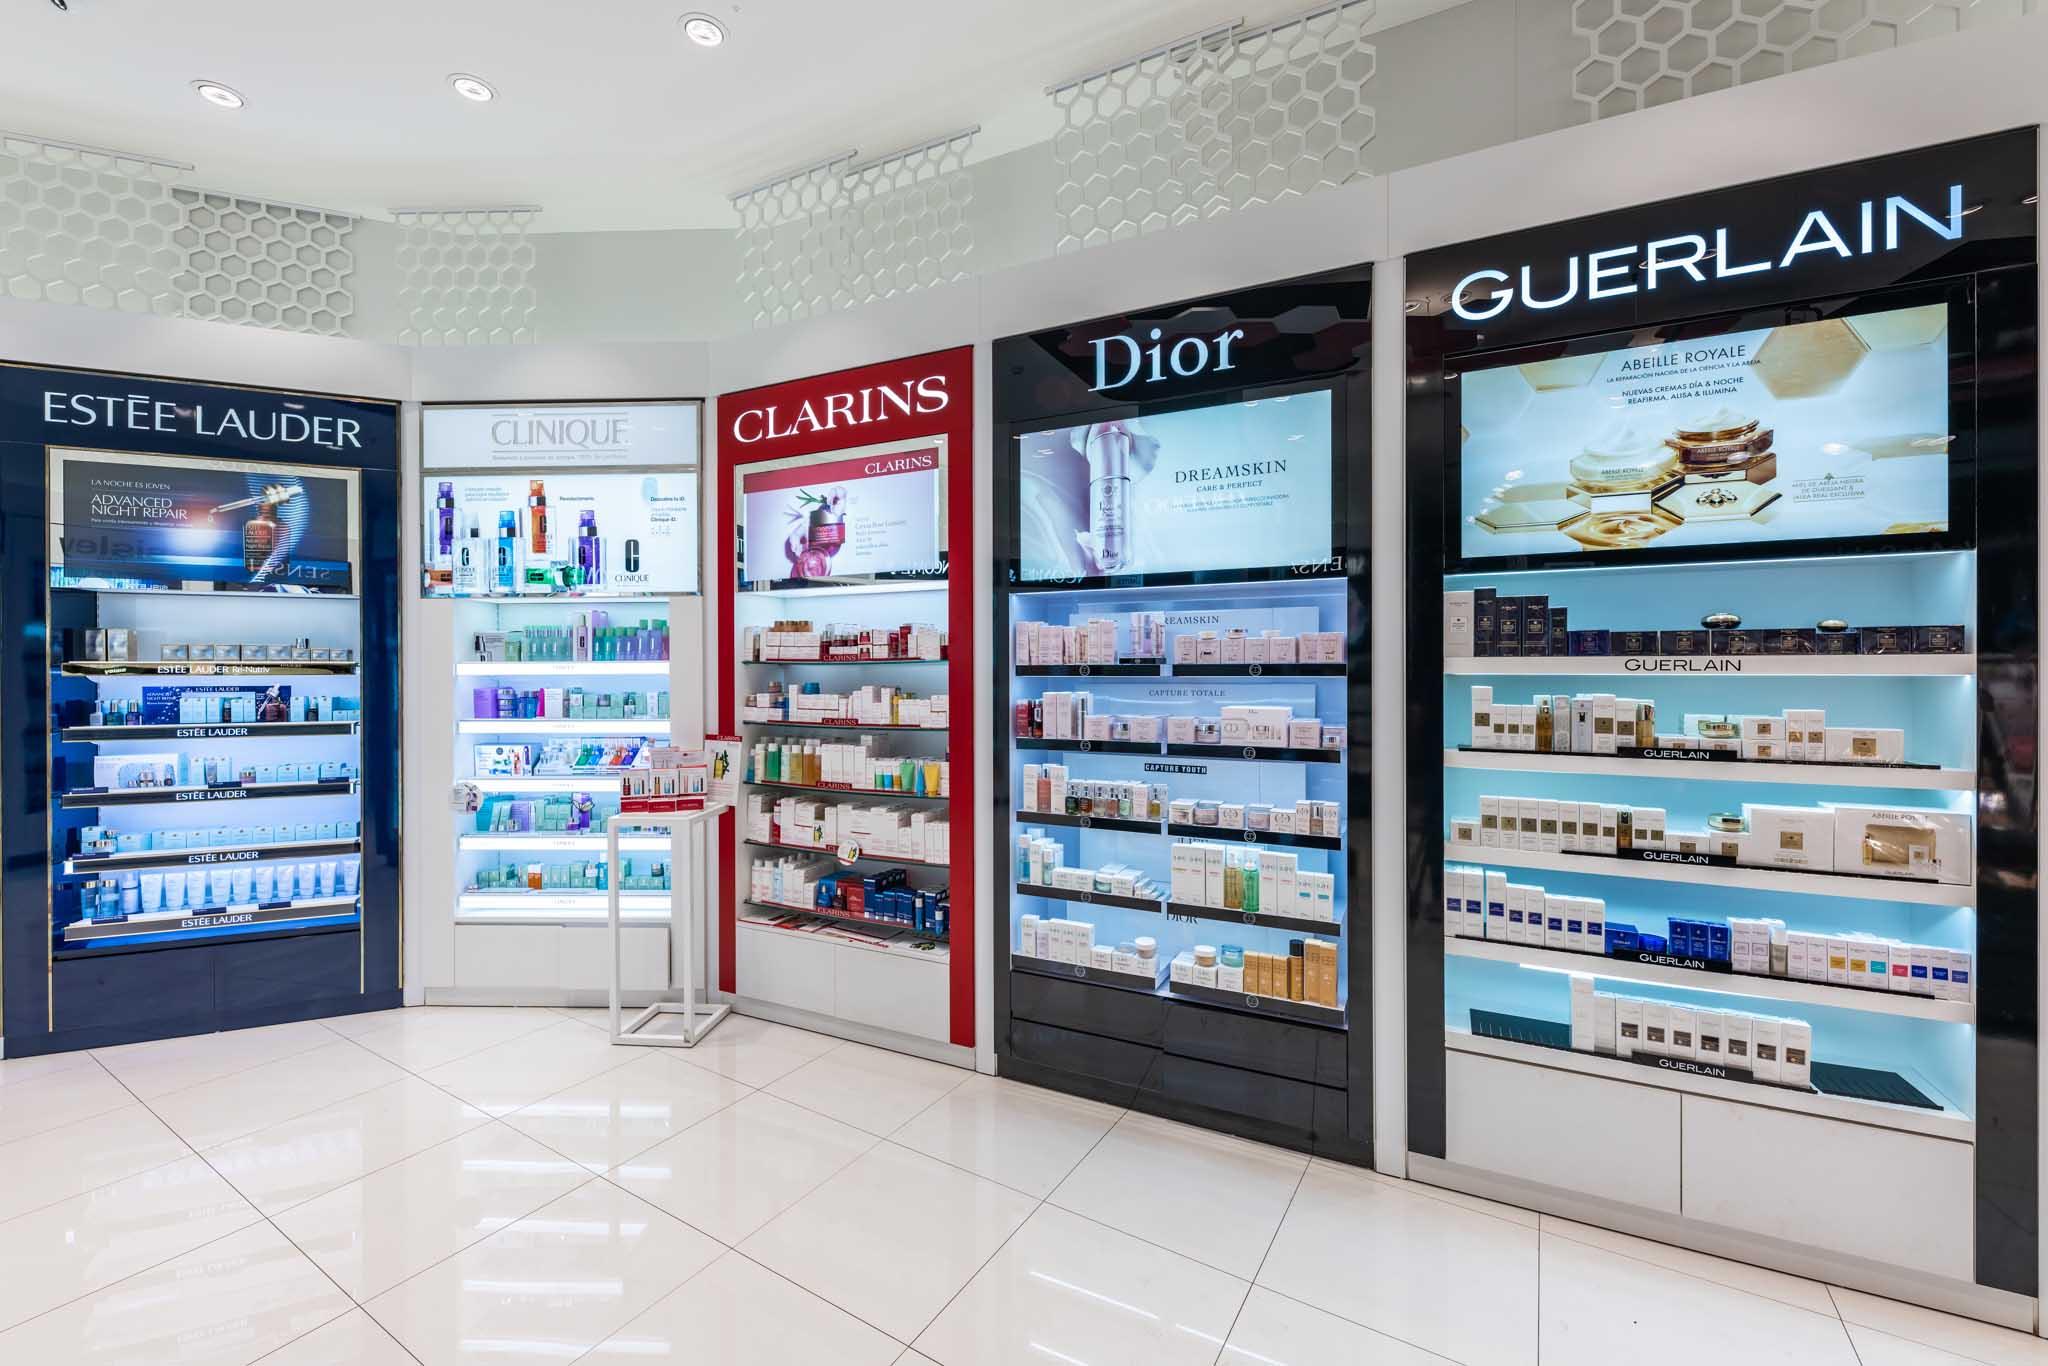 Instalaciones fijas. Guerlain, Dior Clarins, Clinique